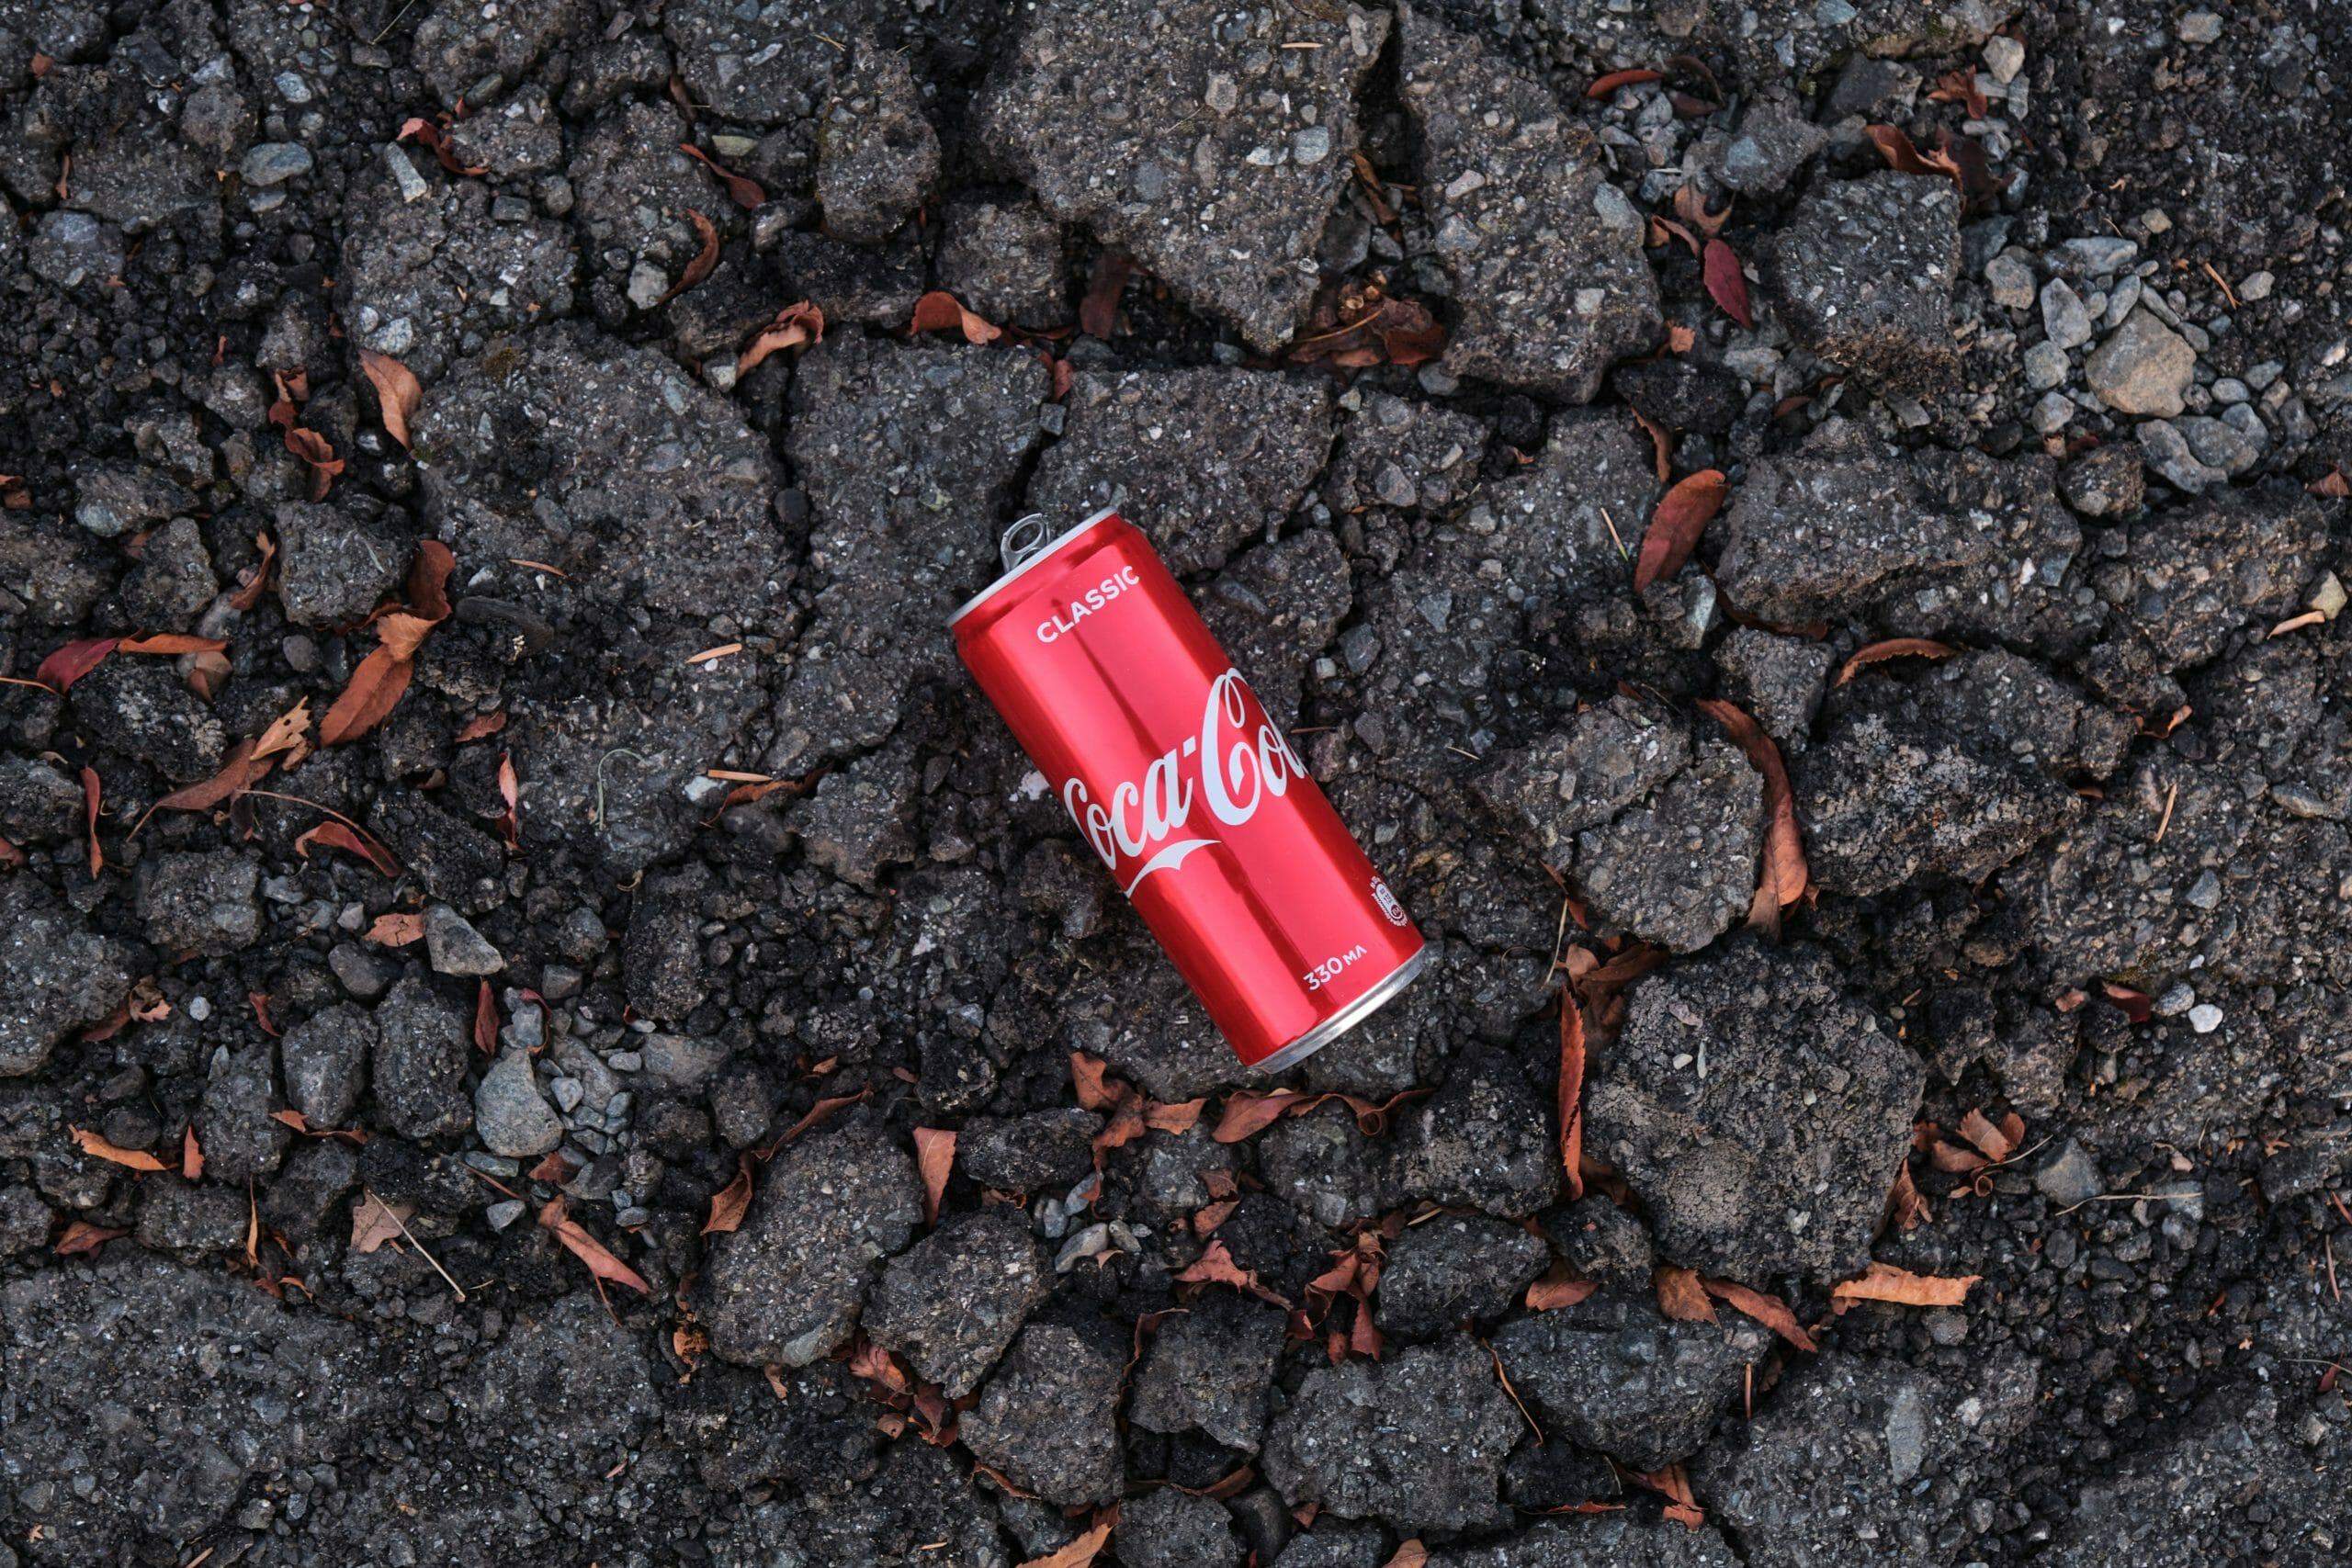 Hele coronapandemien kan passe i en coladåse